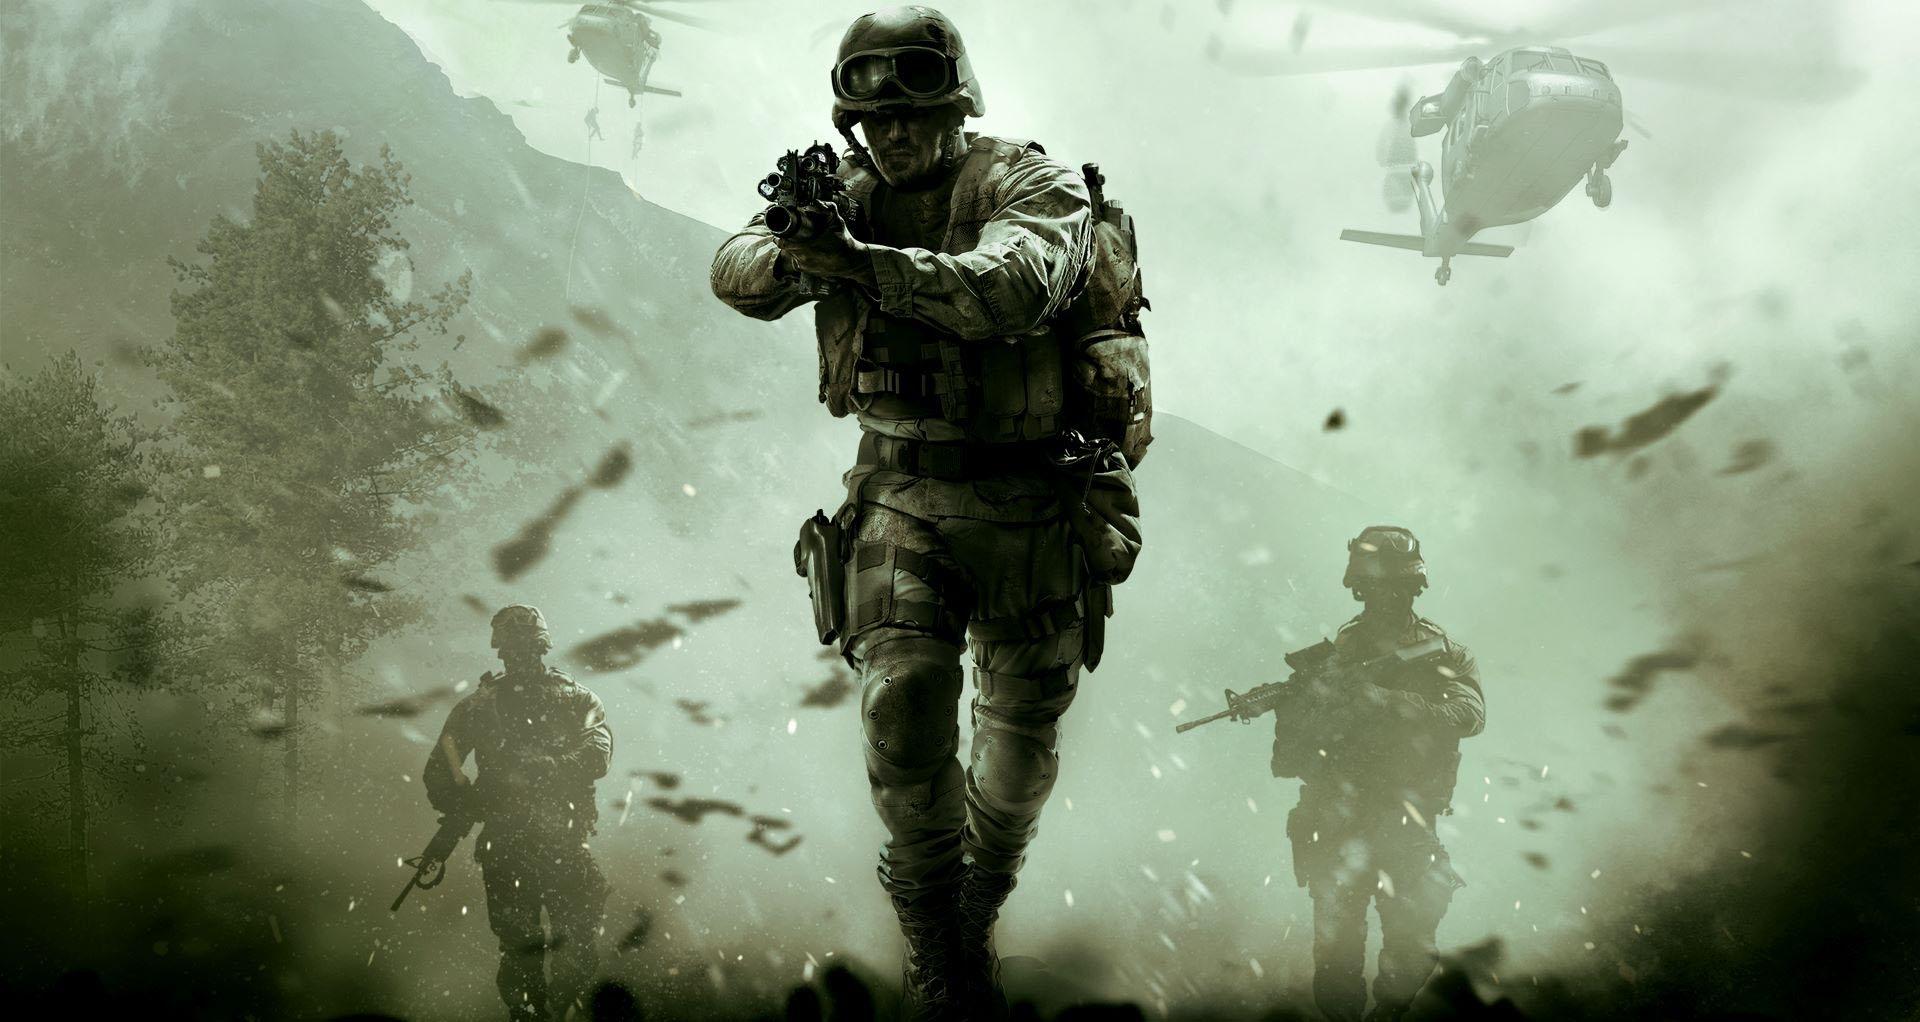 ندای وظیفه (Call of Duty) سال 2020، ممکن است Black Ops 5 باشد!